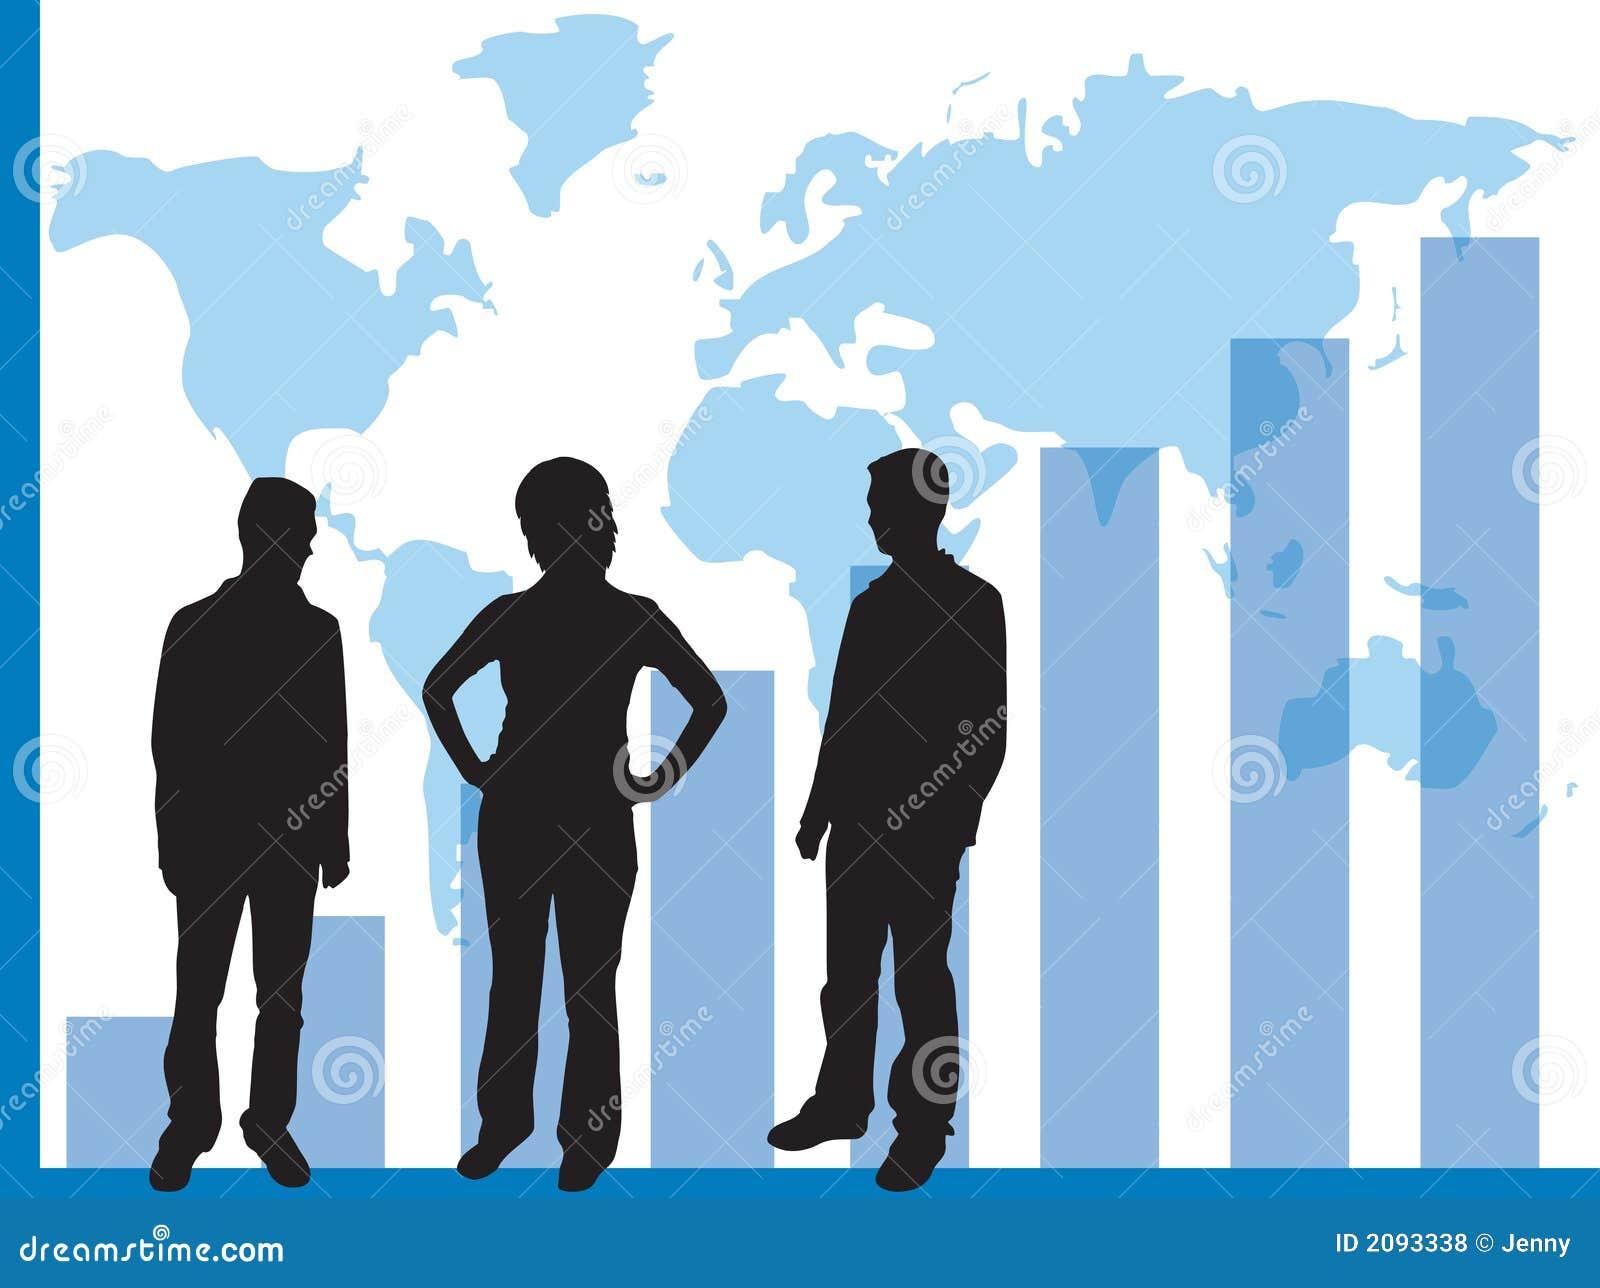 Wykorzystanie wykresów przedsiębiorstw